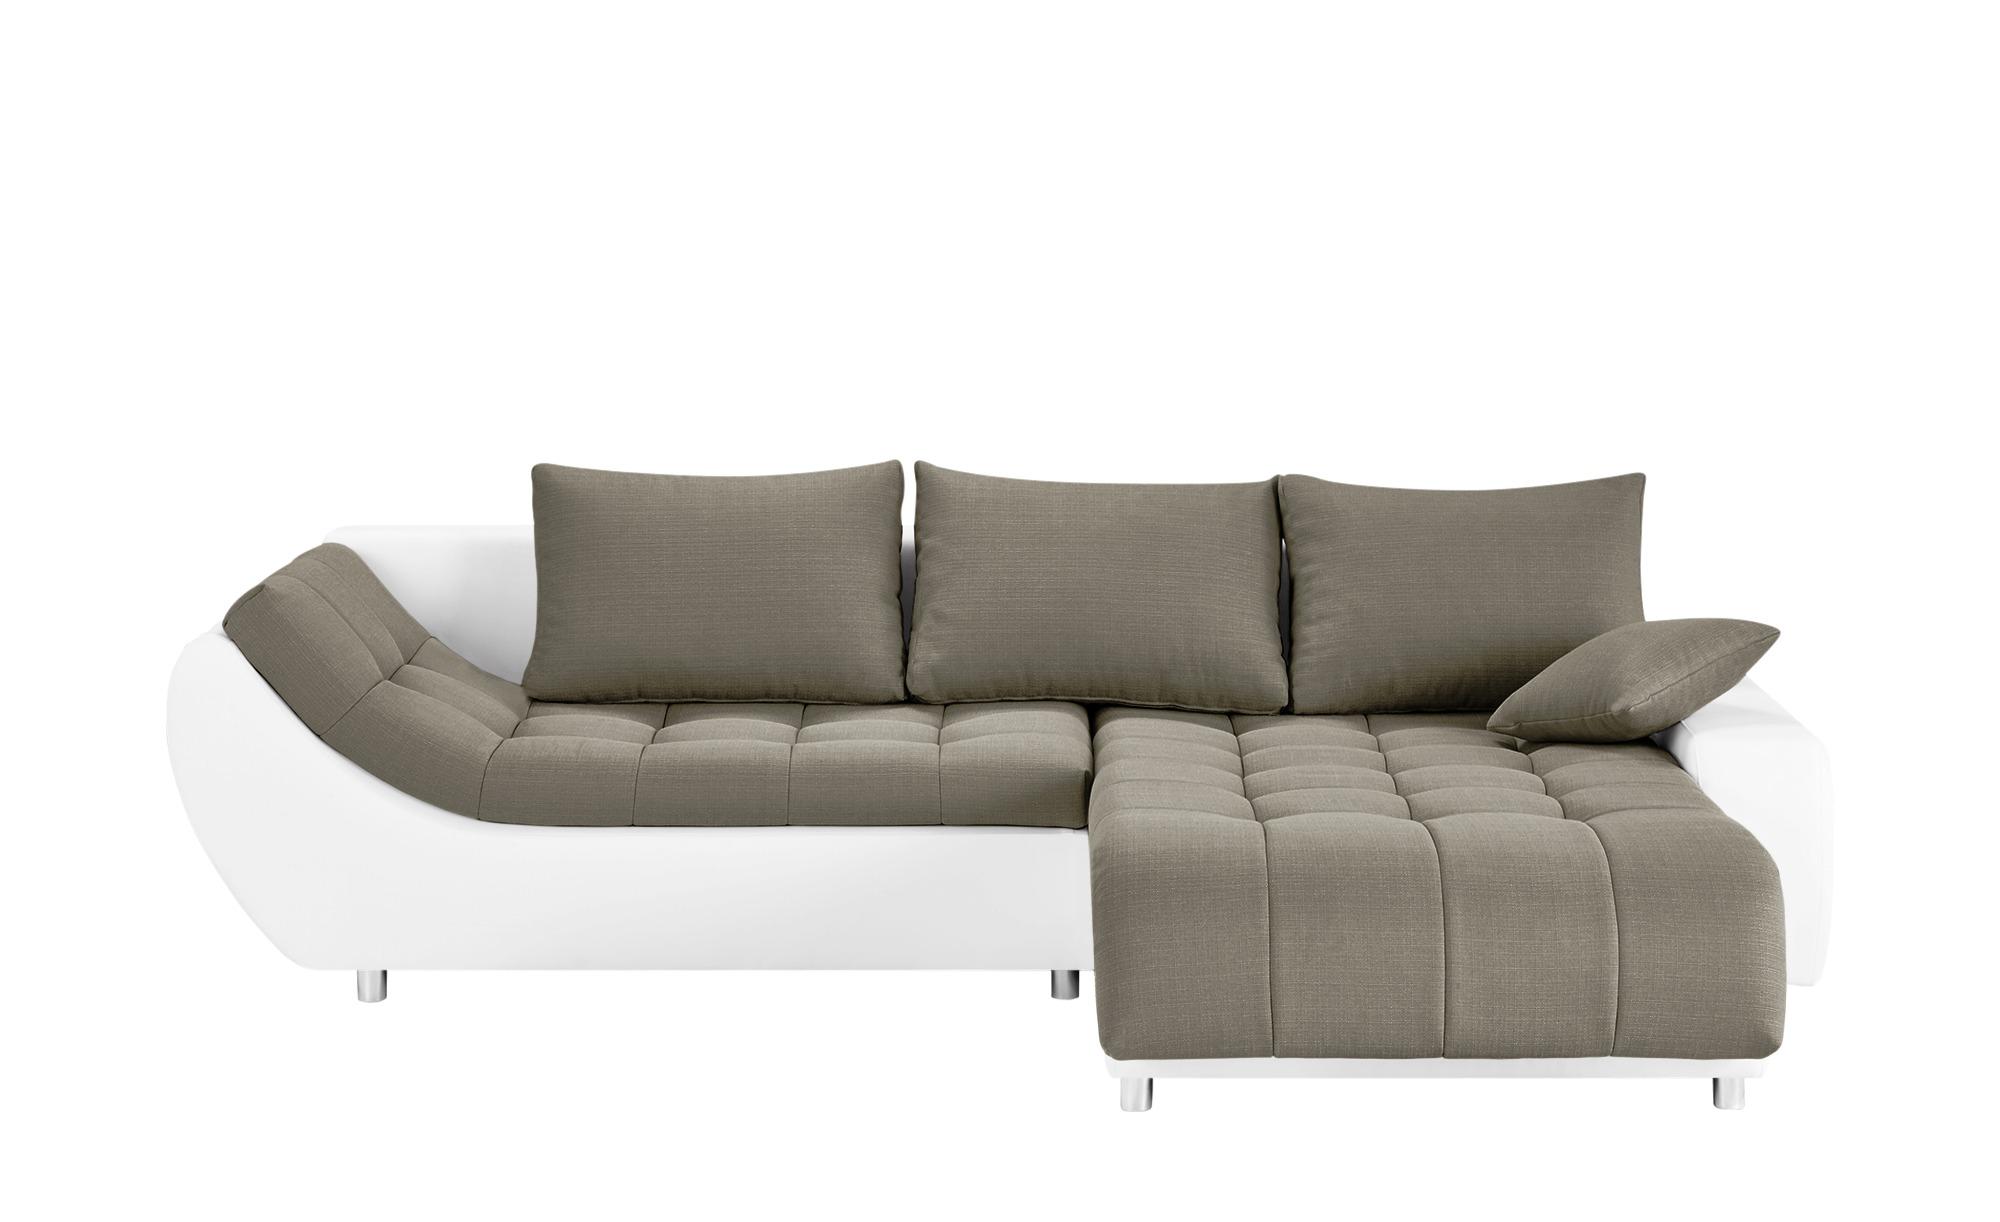 Wohnlandschaft Ecksofa Couch Leder Schwarz Juno Kunstleder Couch Gunstig Kaufen Ledersofa Und Sesse Moderne Couch Kunstleder Couch Couch Mit Schlaffunktion